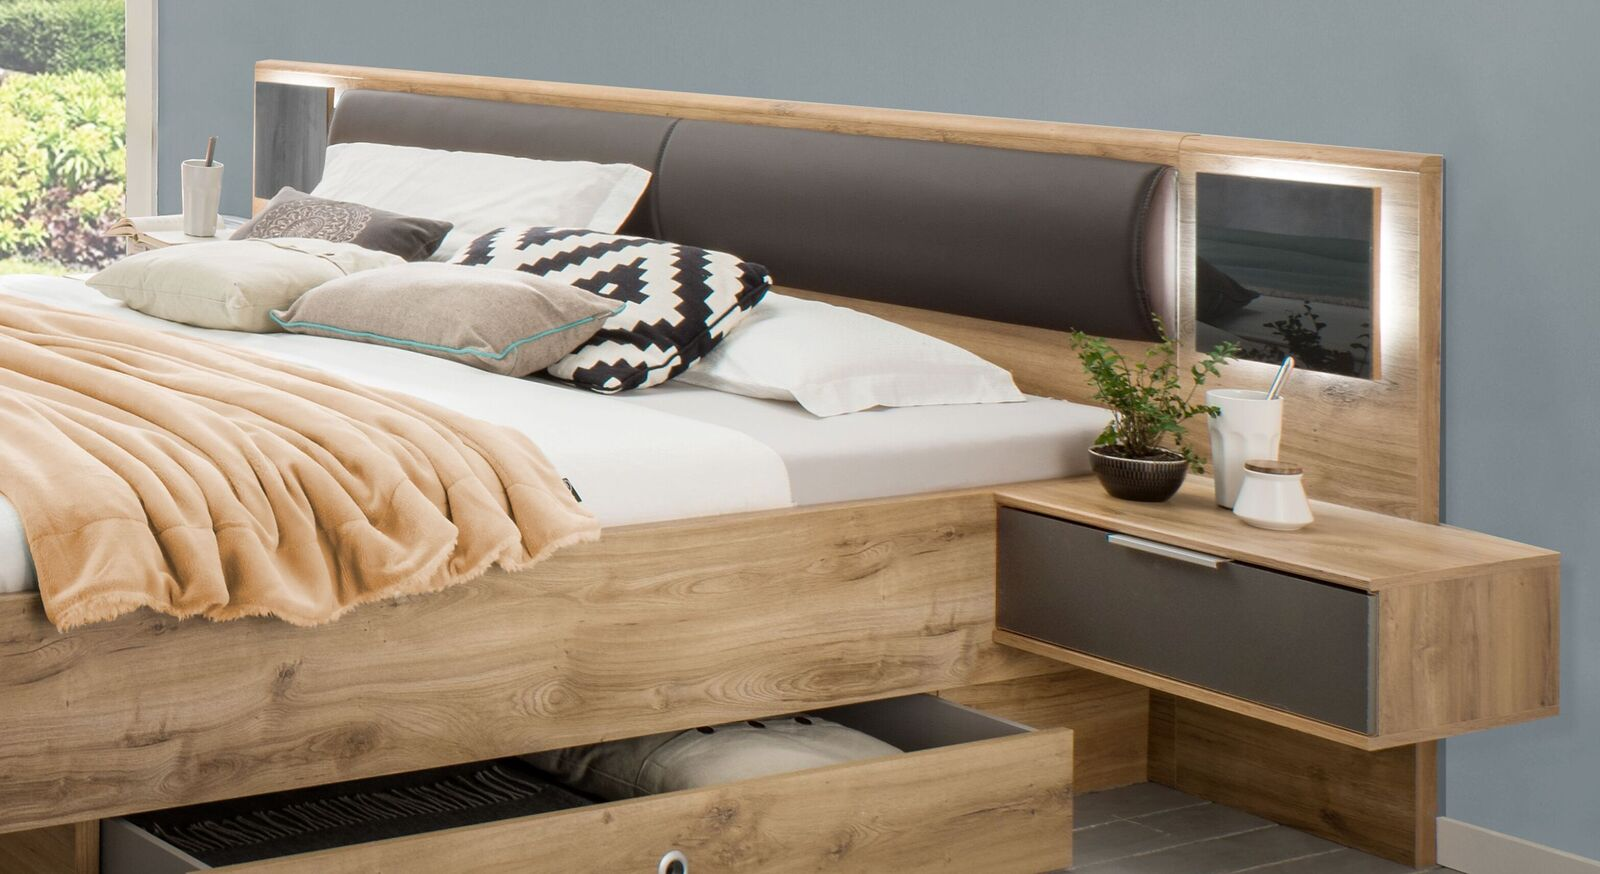 Schubkasten-Bett Alwaras Kopfteil mit integriertem Polster